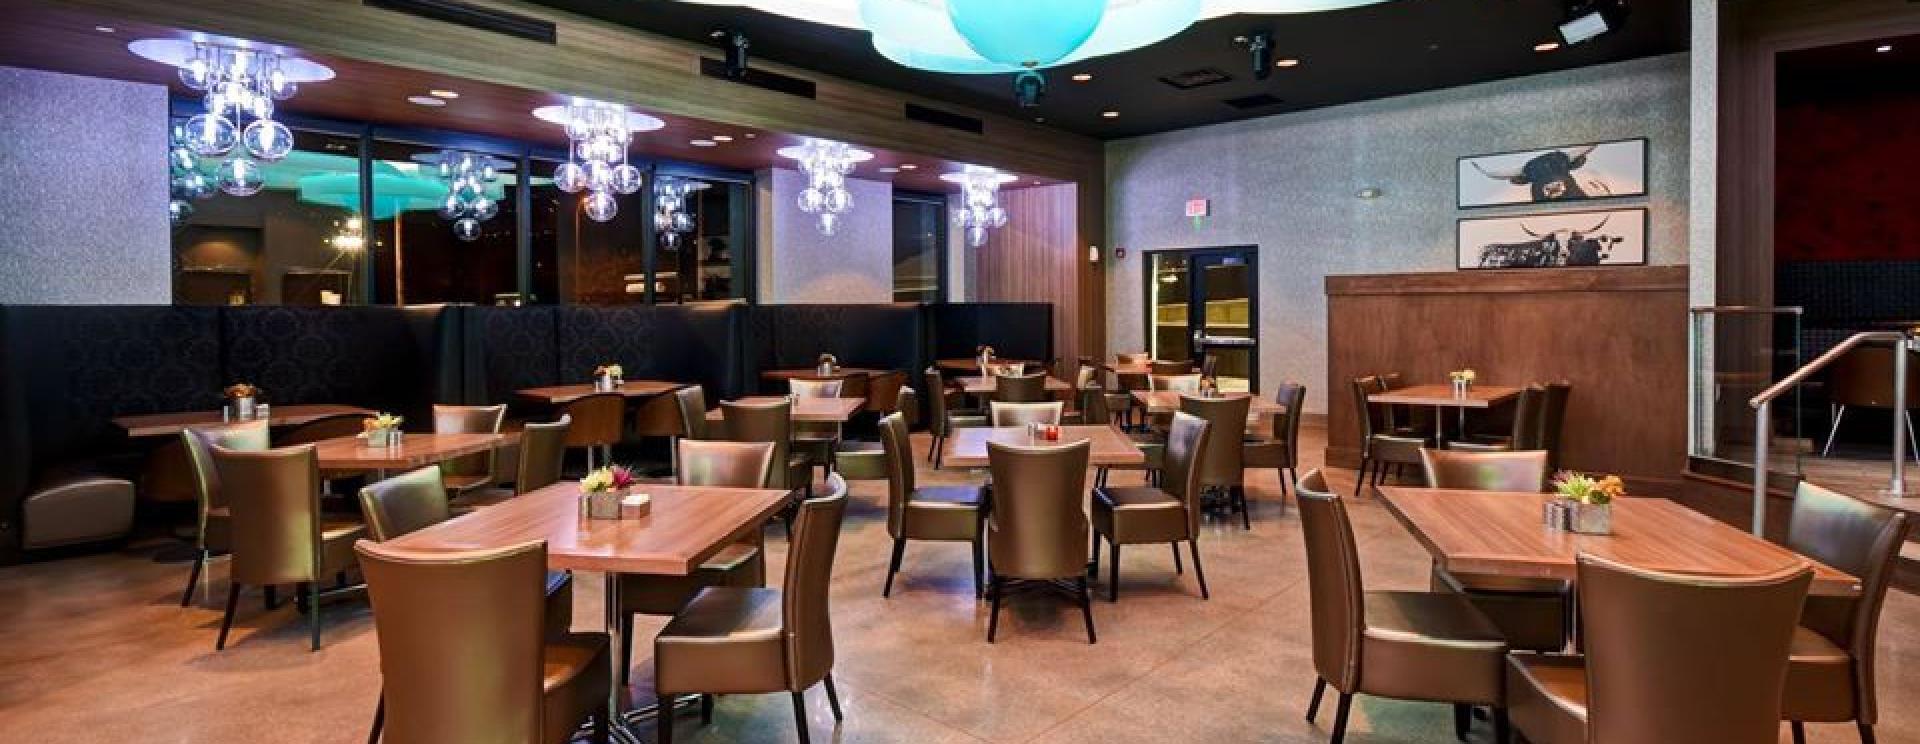 FLYT Steakhouse by Alpine Inn